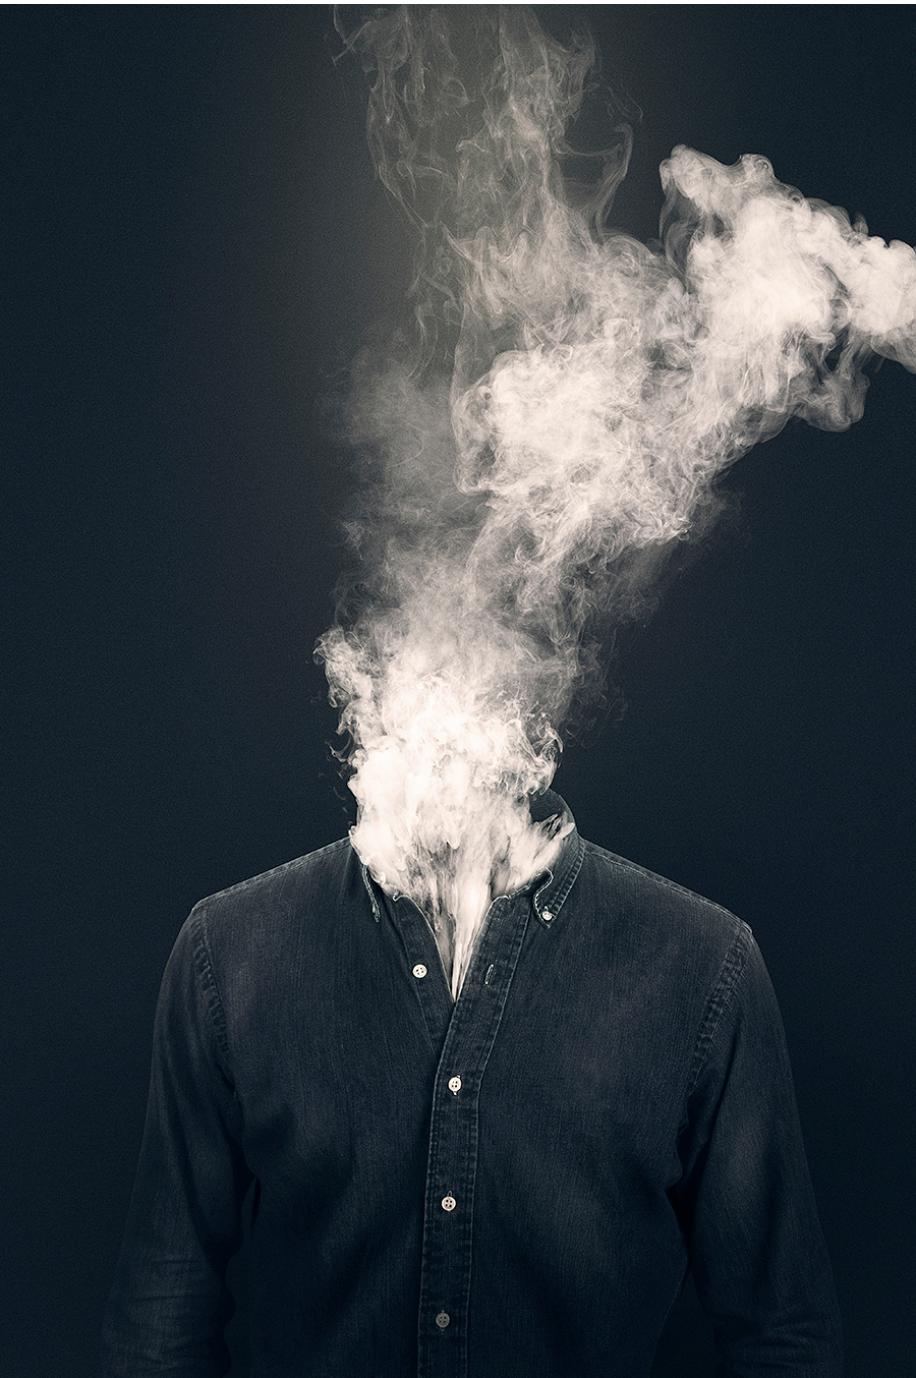 smoke photo manipulation